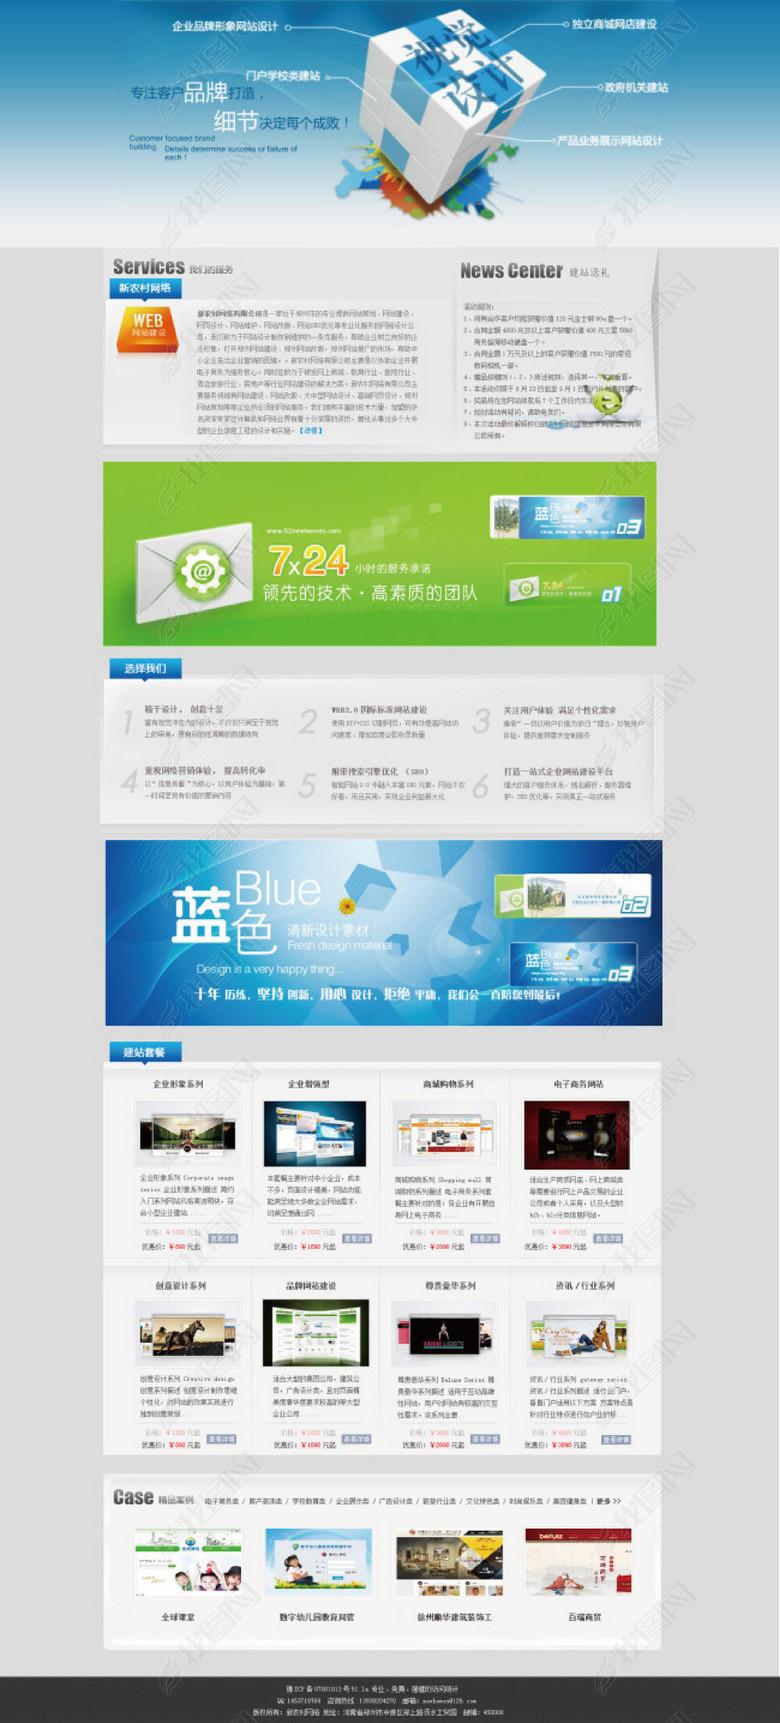 精美广告科技网络公司网站网页模版